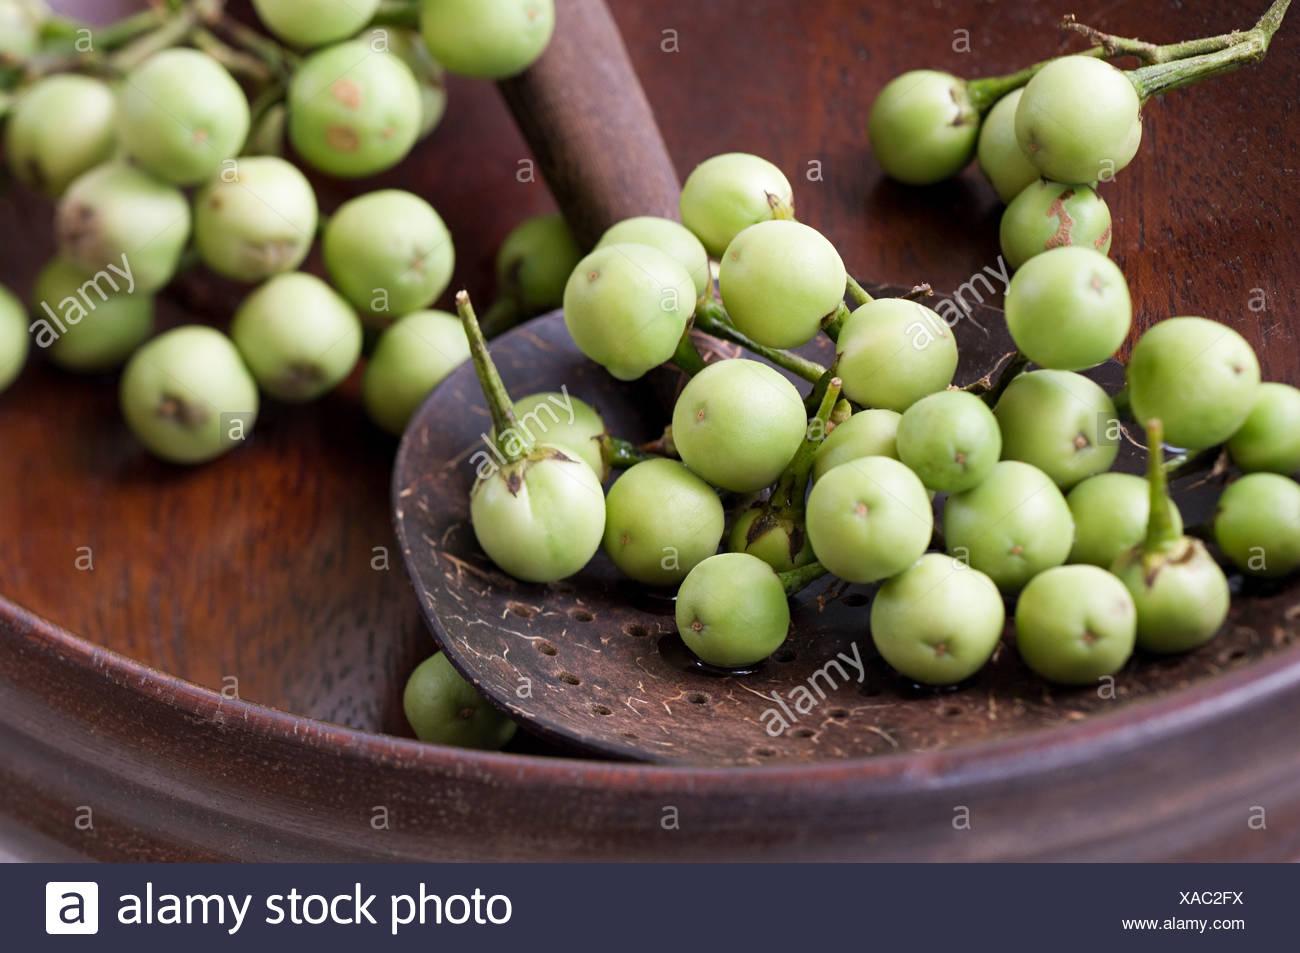 Pea aubergines - Stock Image